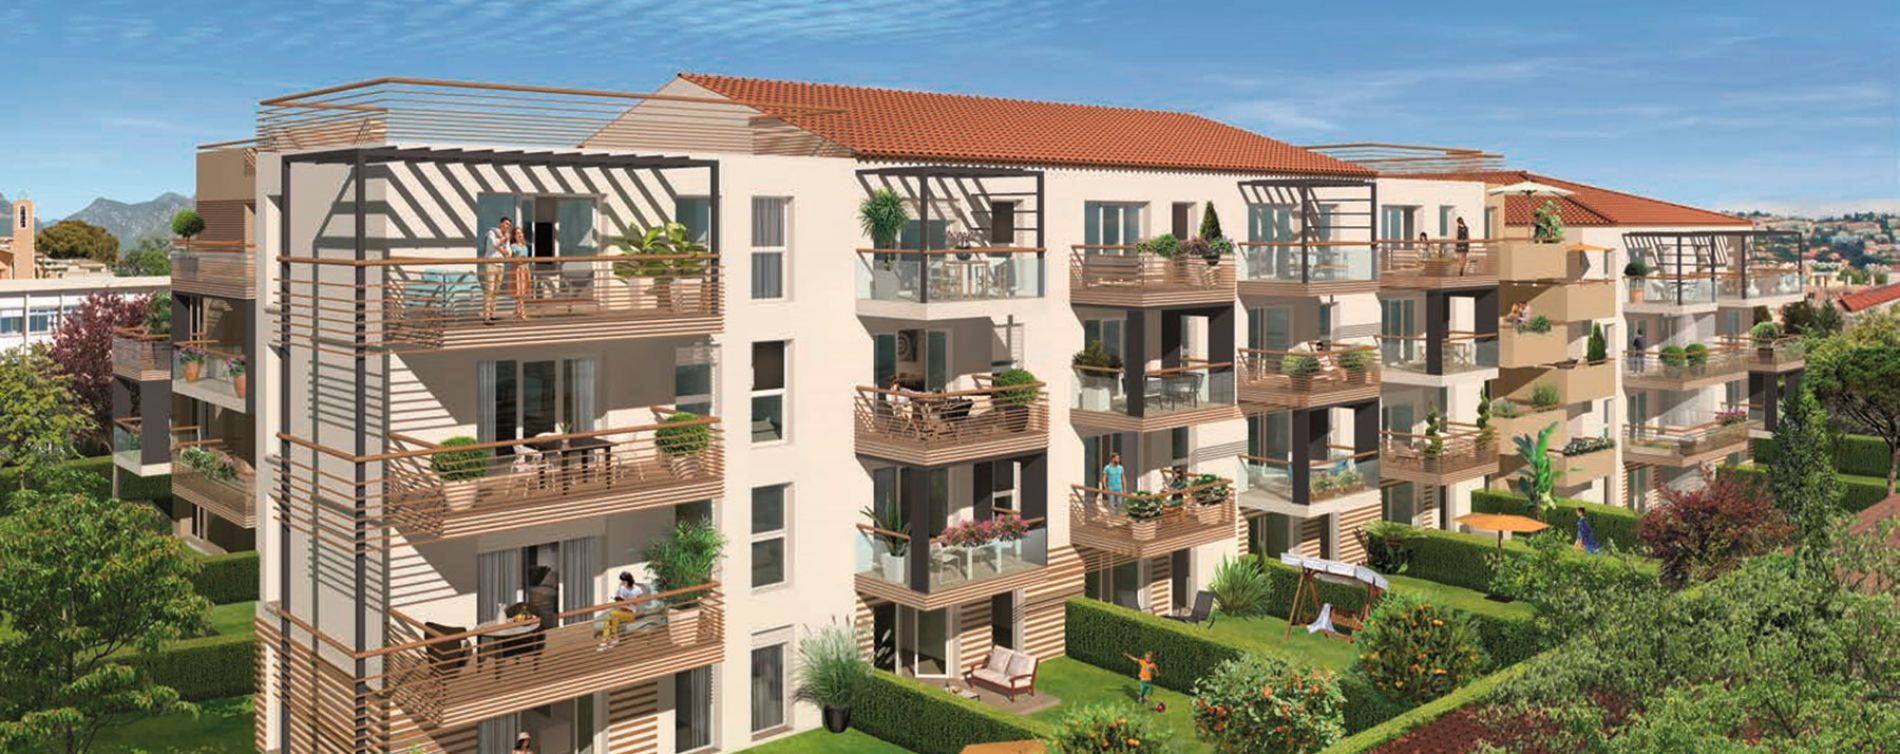 Saint-Laurent-du-Var : programme immobilier neuve « Les Jardins de Michelis »